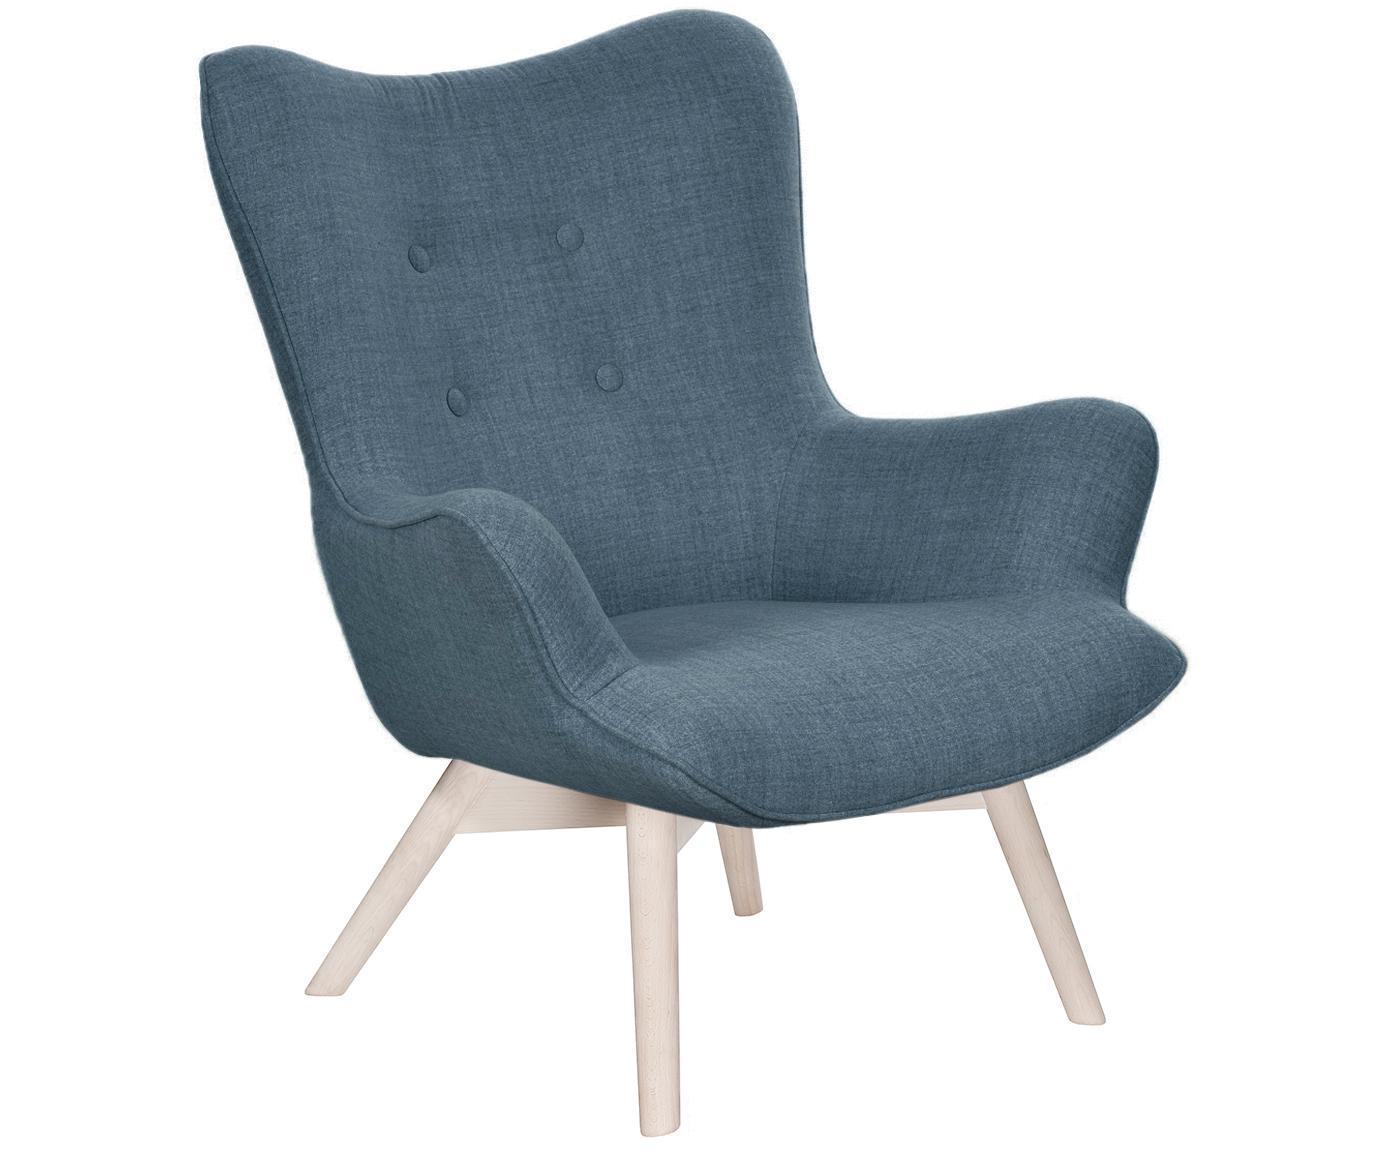 Fauteuil Twirl, Frame: Hout, Poten: Beukenhout, Hoes: Blauw. Poten: Beukenhout, wit gewassen, 82 x 96 cm